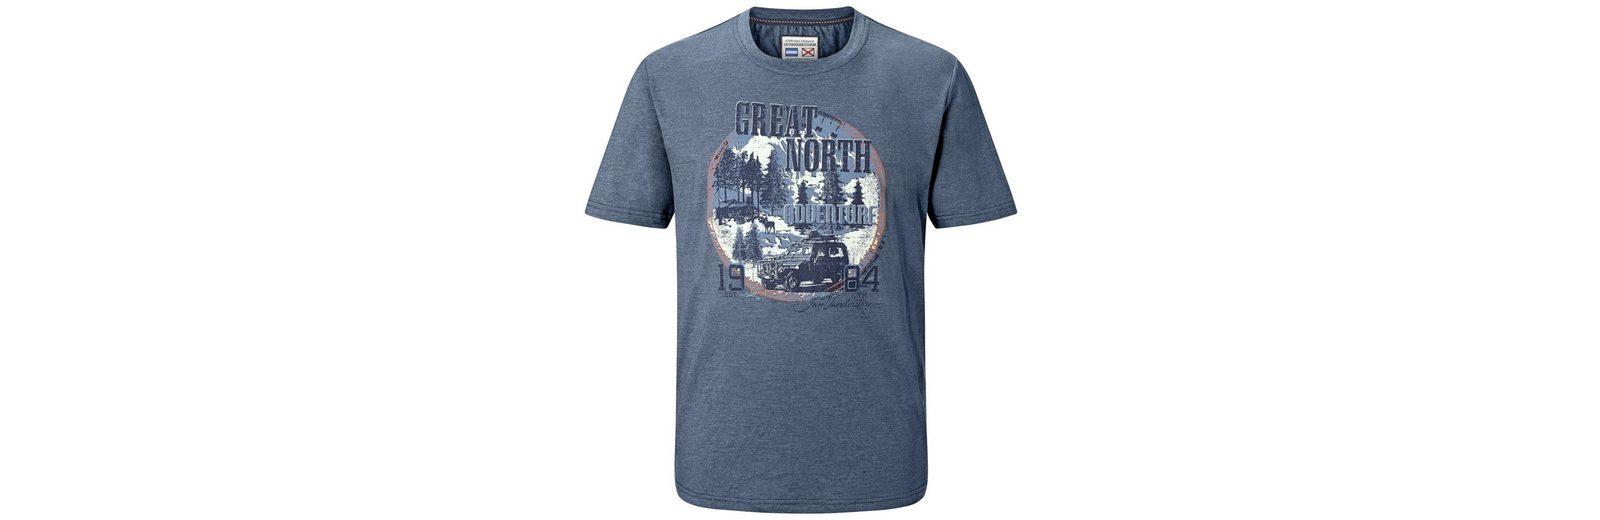 Jan Vanderstorm T-Shirt ALFRIED Niedrige Versandgebühr Online Neueste Zum Verkauf Spielraum Beste Preise Billiger Fabrikverkauf Suq5wTSIu